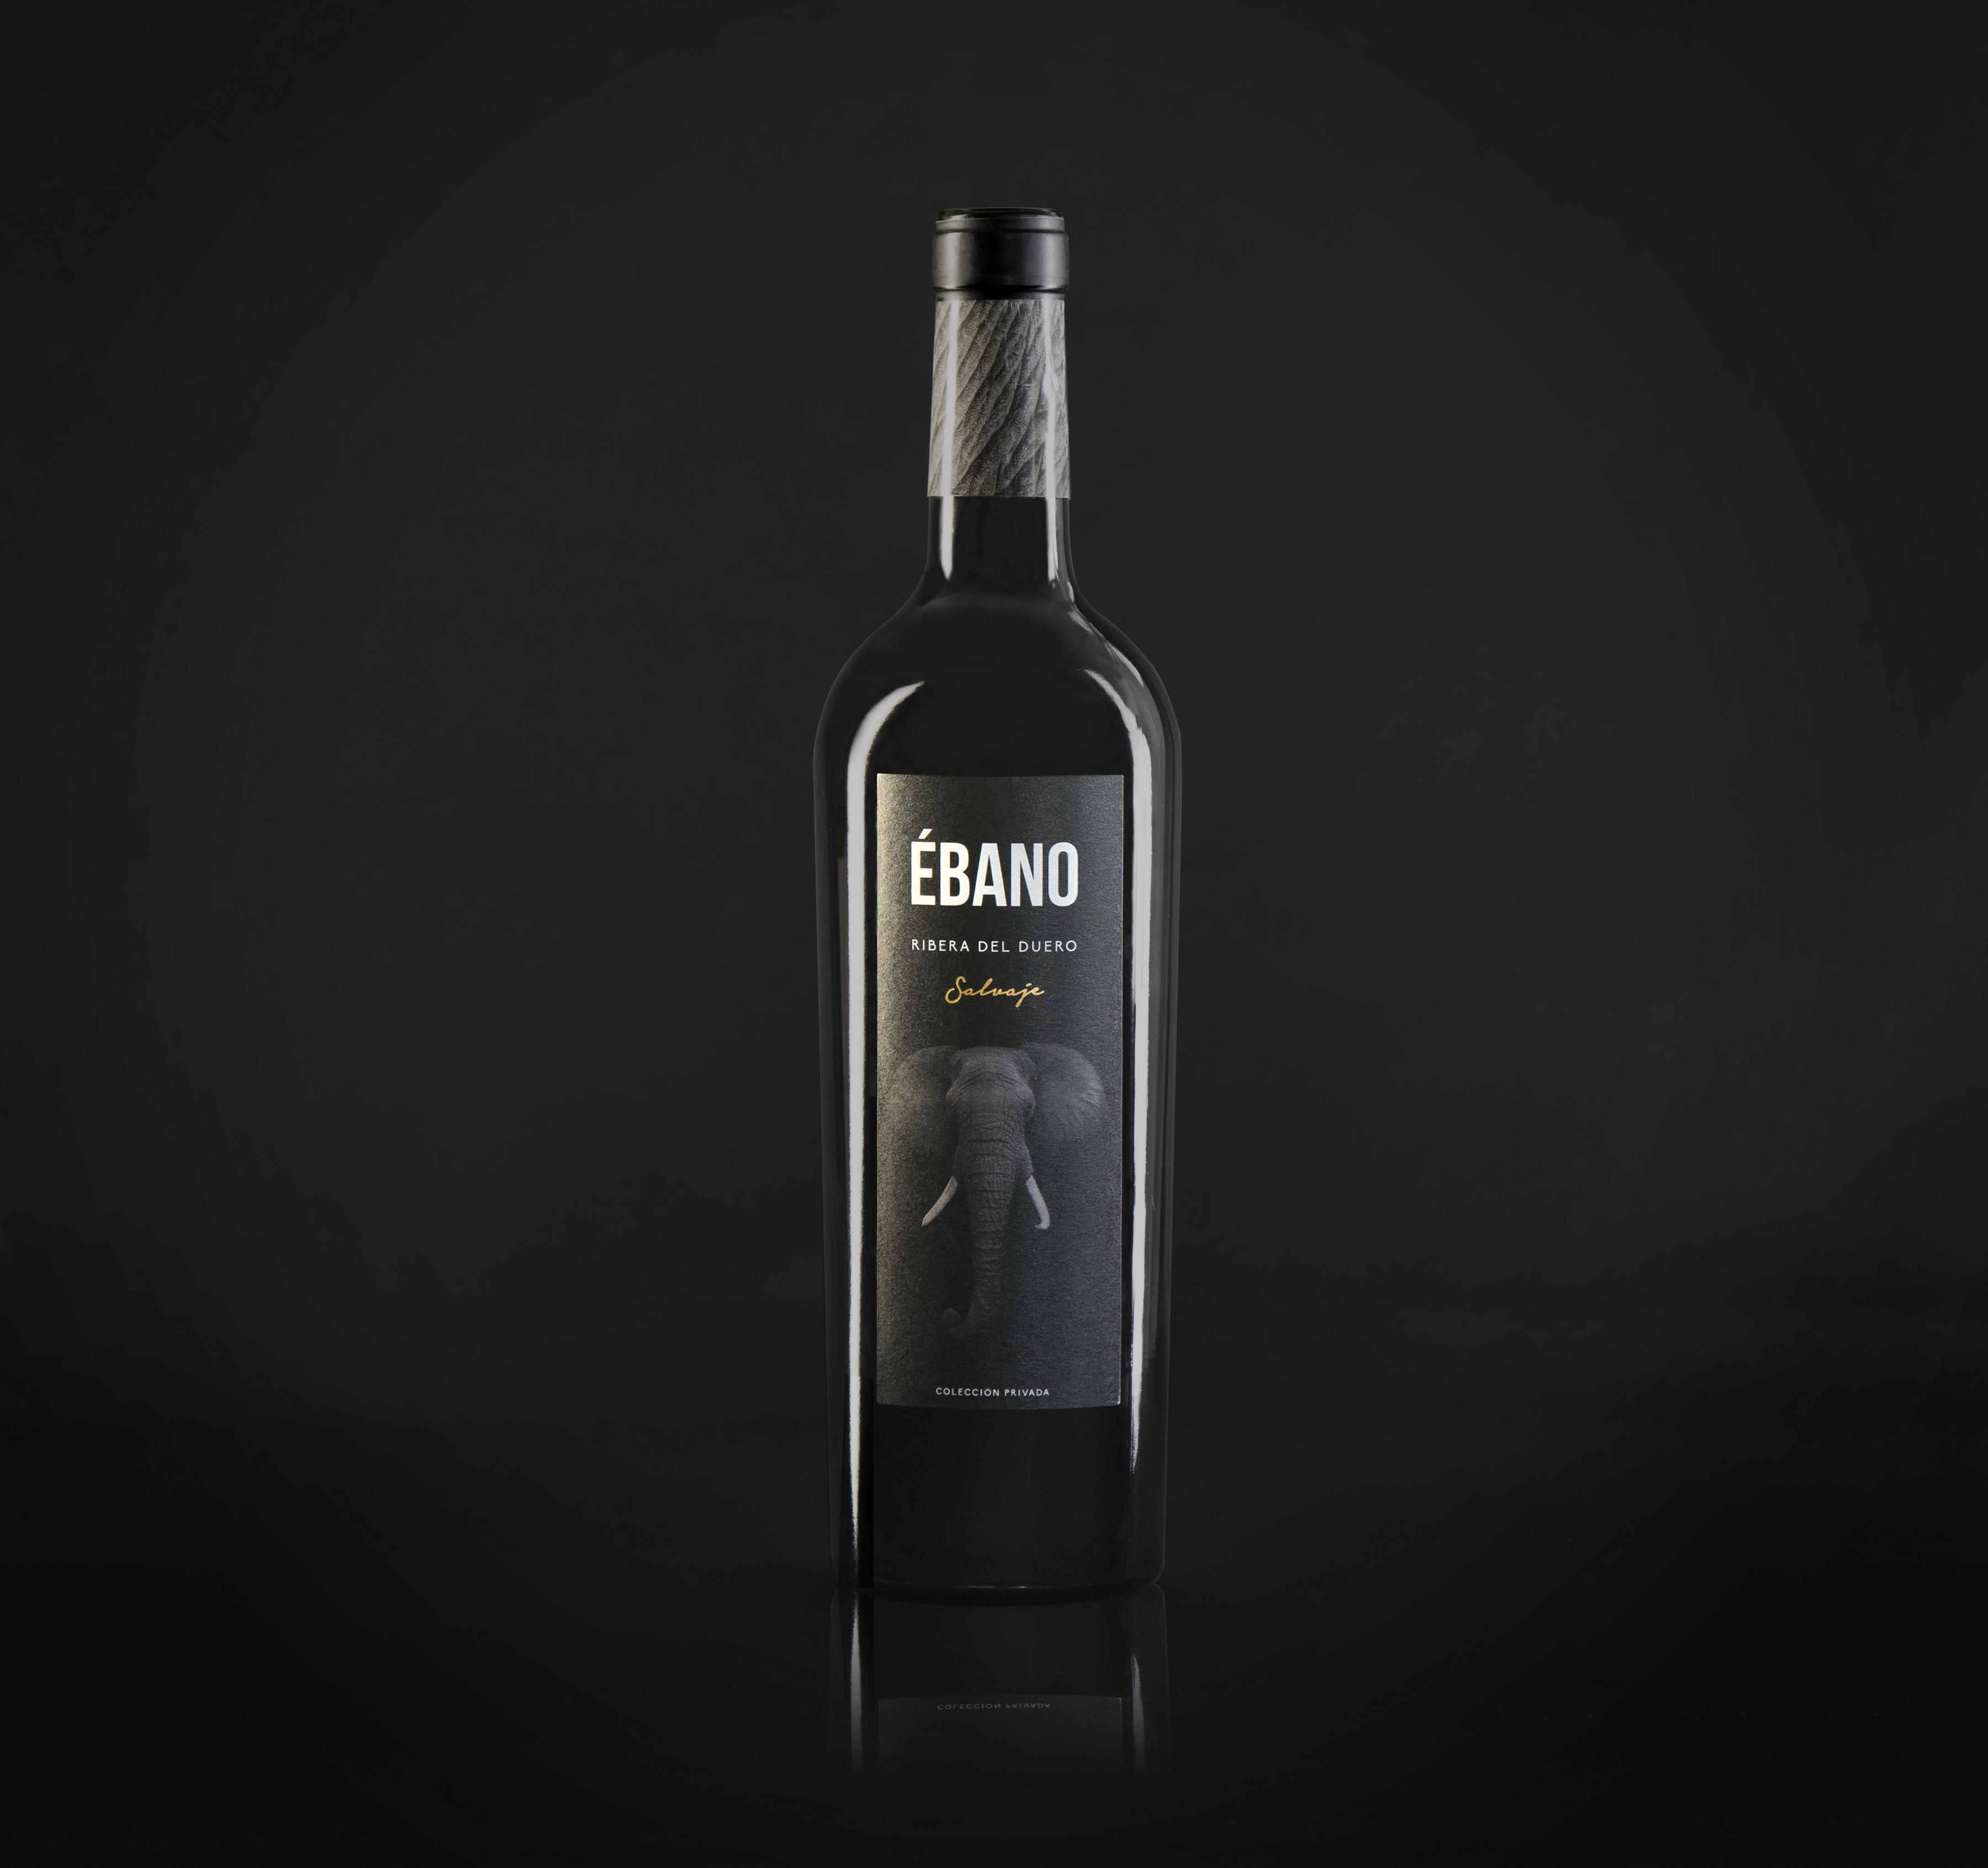 Nuevo packaging del vino Ébano salvaje